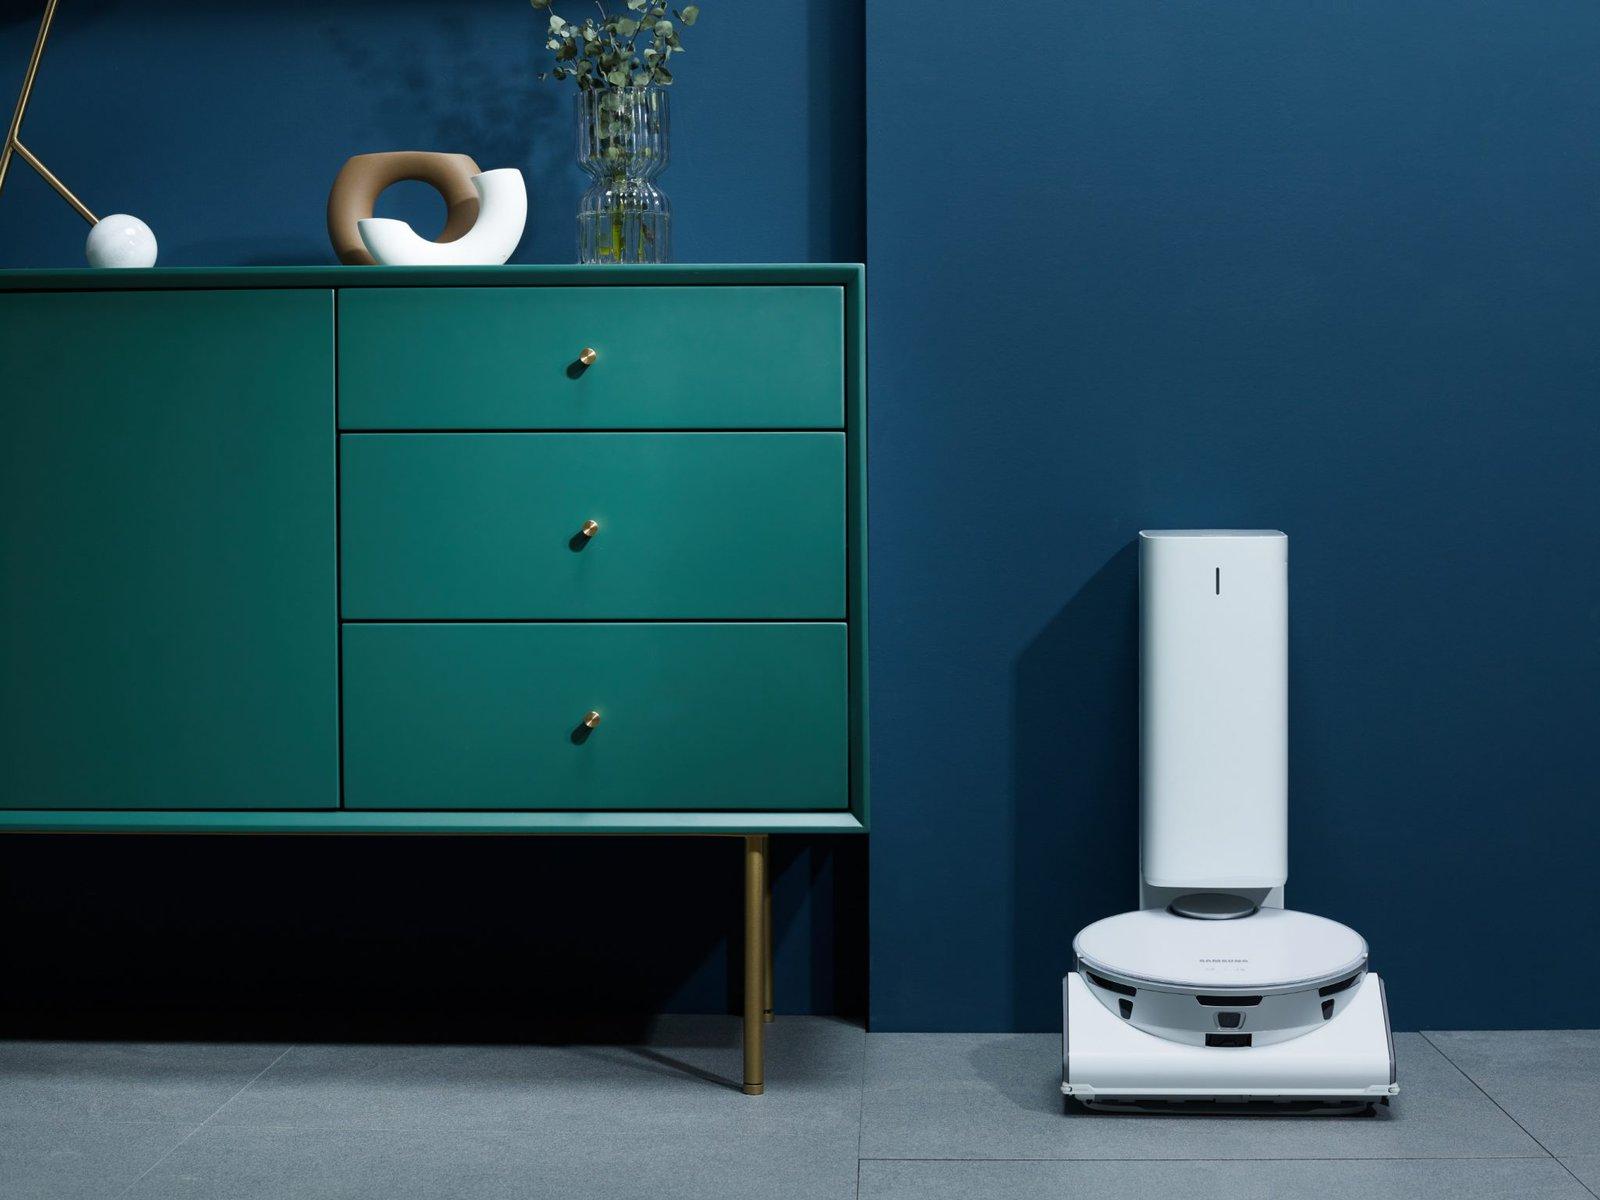 Samsung na ces 2021 mostra novos robôs e aparelhos inteligentes para a casa. A samsung na ces 2021 apresentou a nova versão de sua geladeira bespoke, robôs como o jetbot 90 ai+ e programas de sustentabilidade